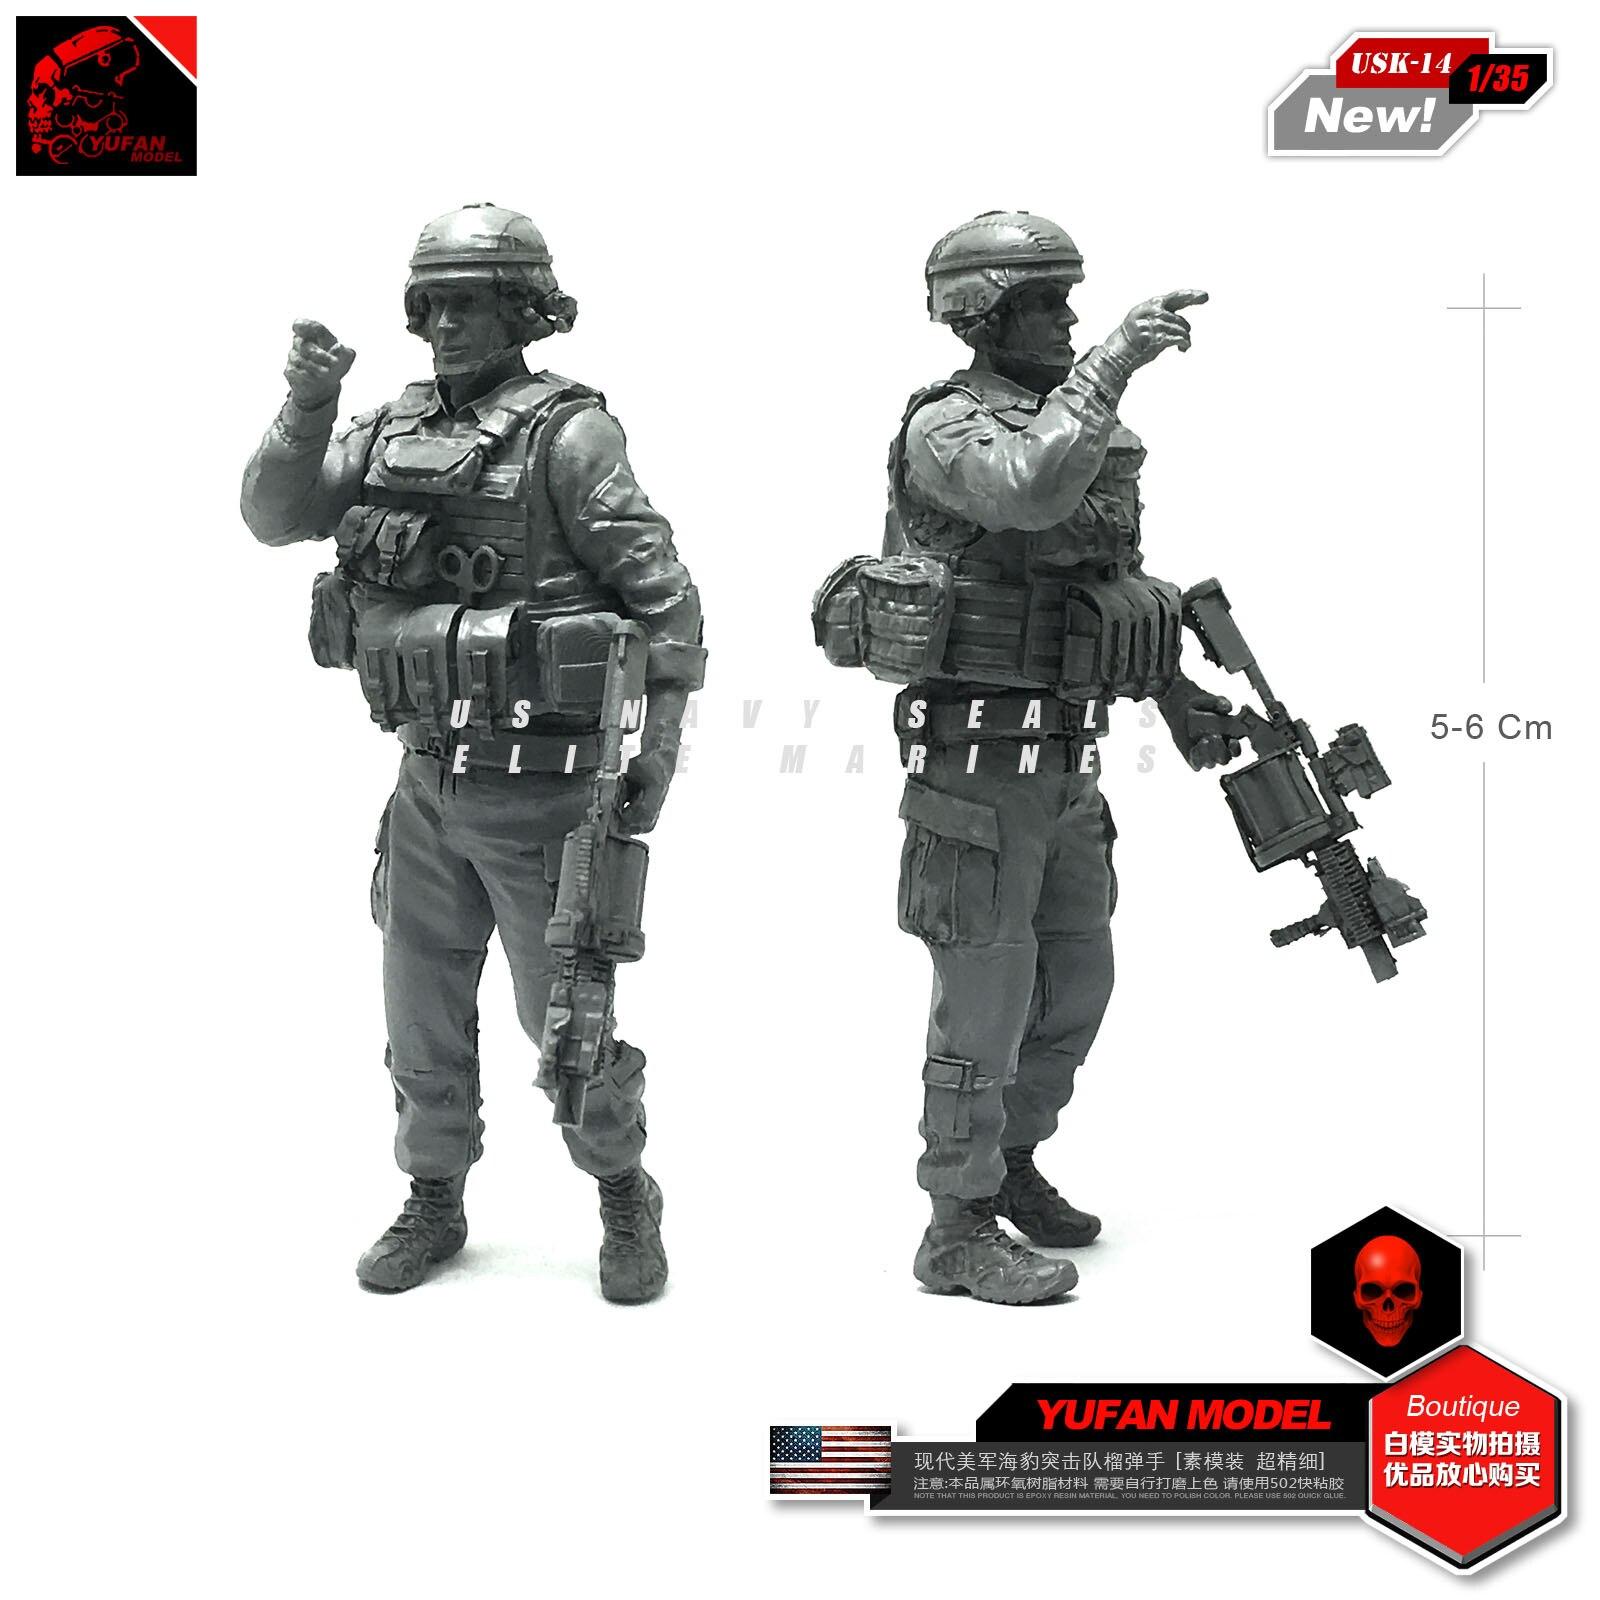 Modèle Yufan 1/35 moderne Us joint Grenade main résine soldat modèle Usk-14